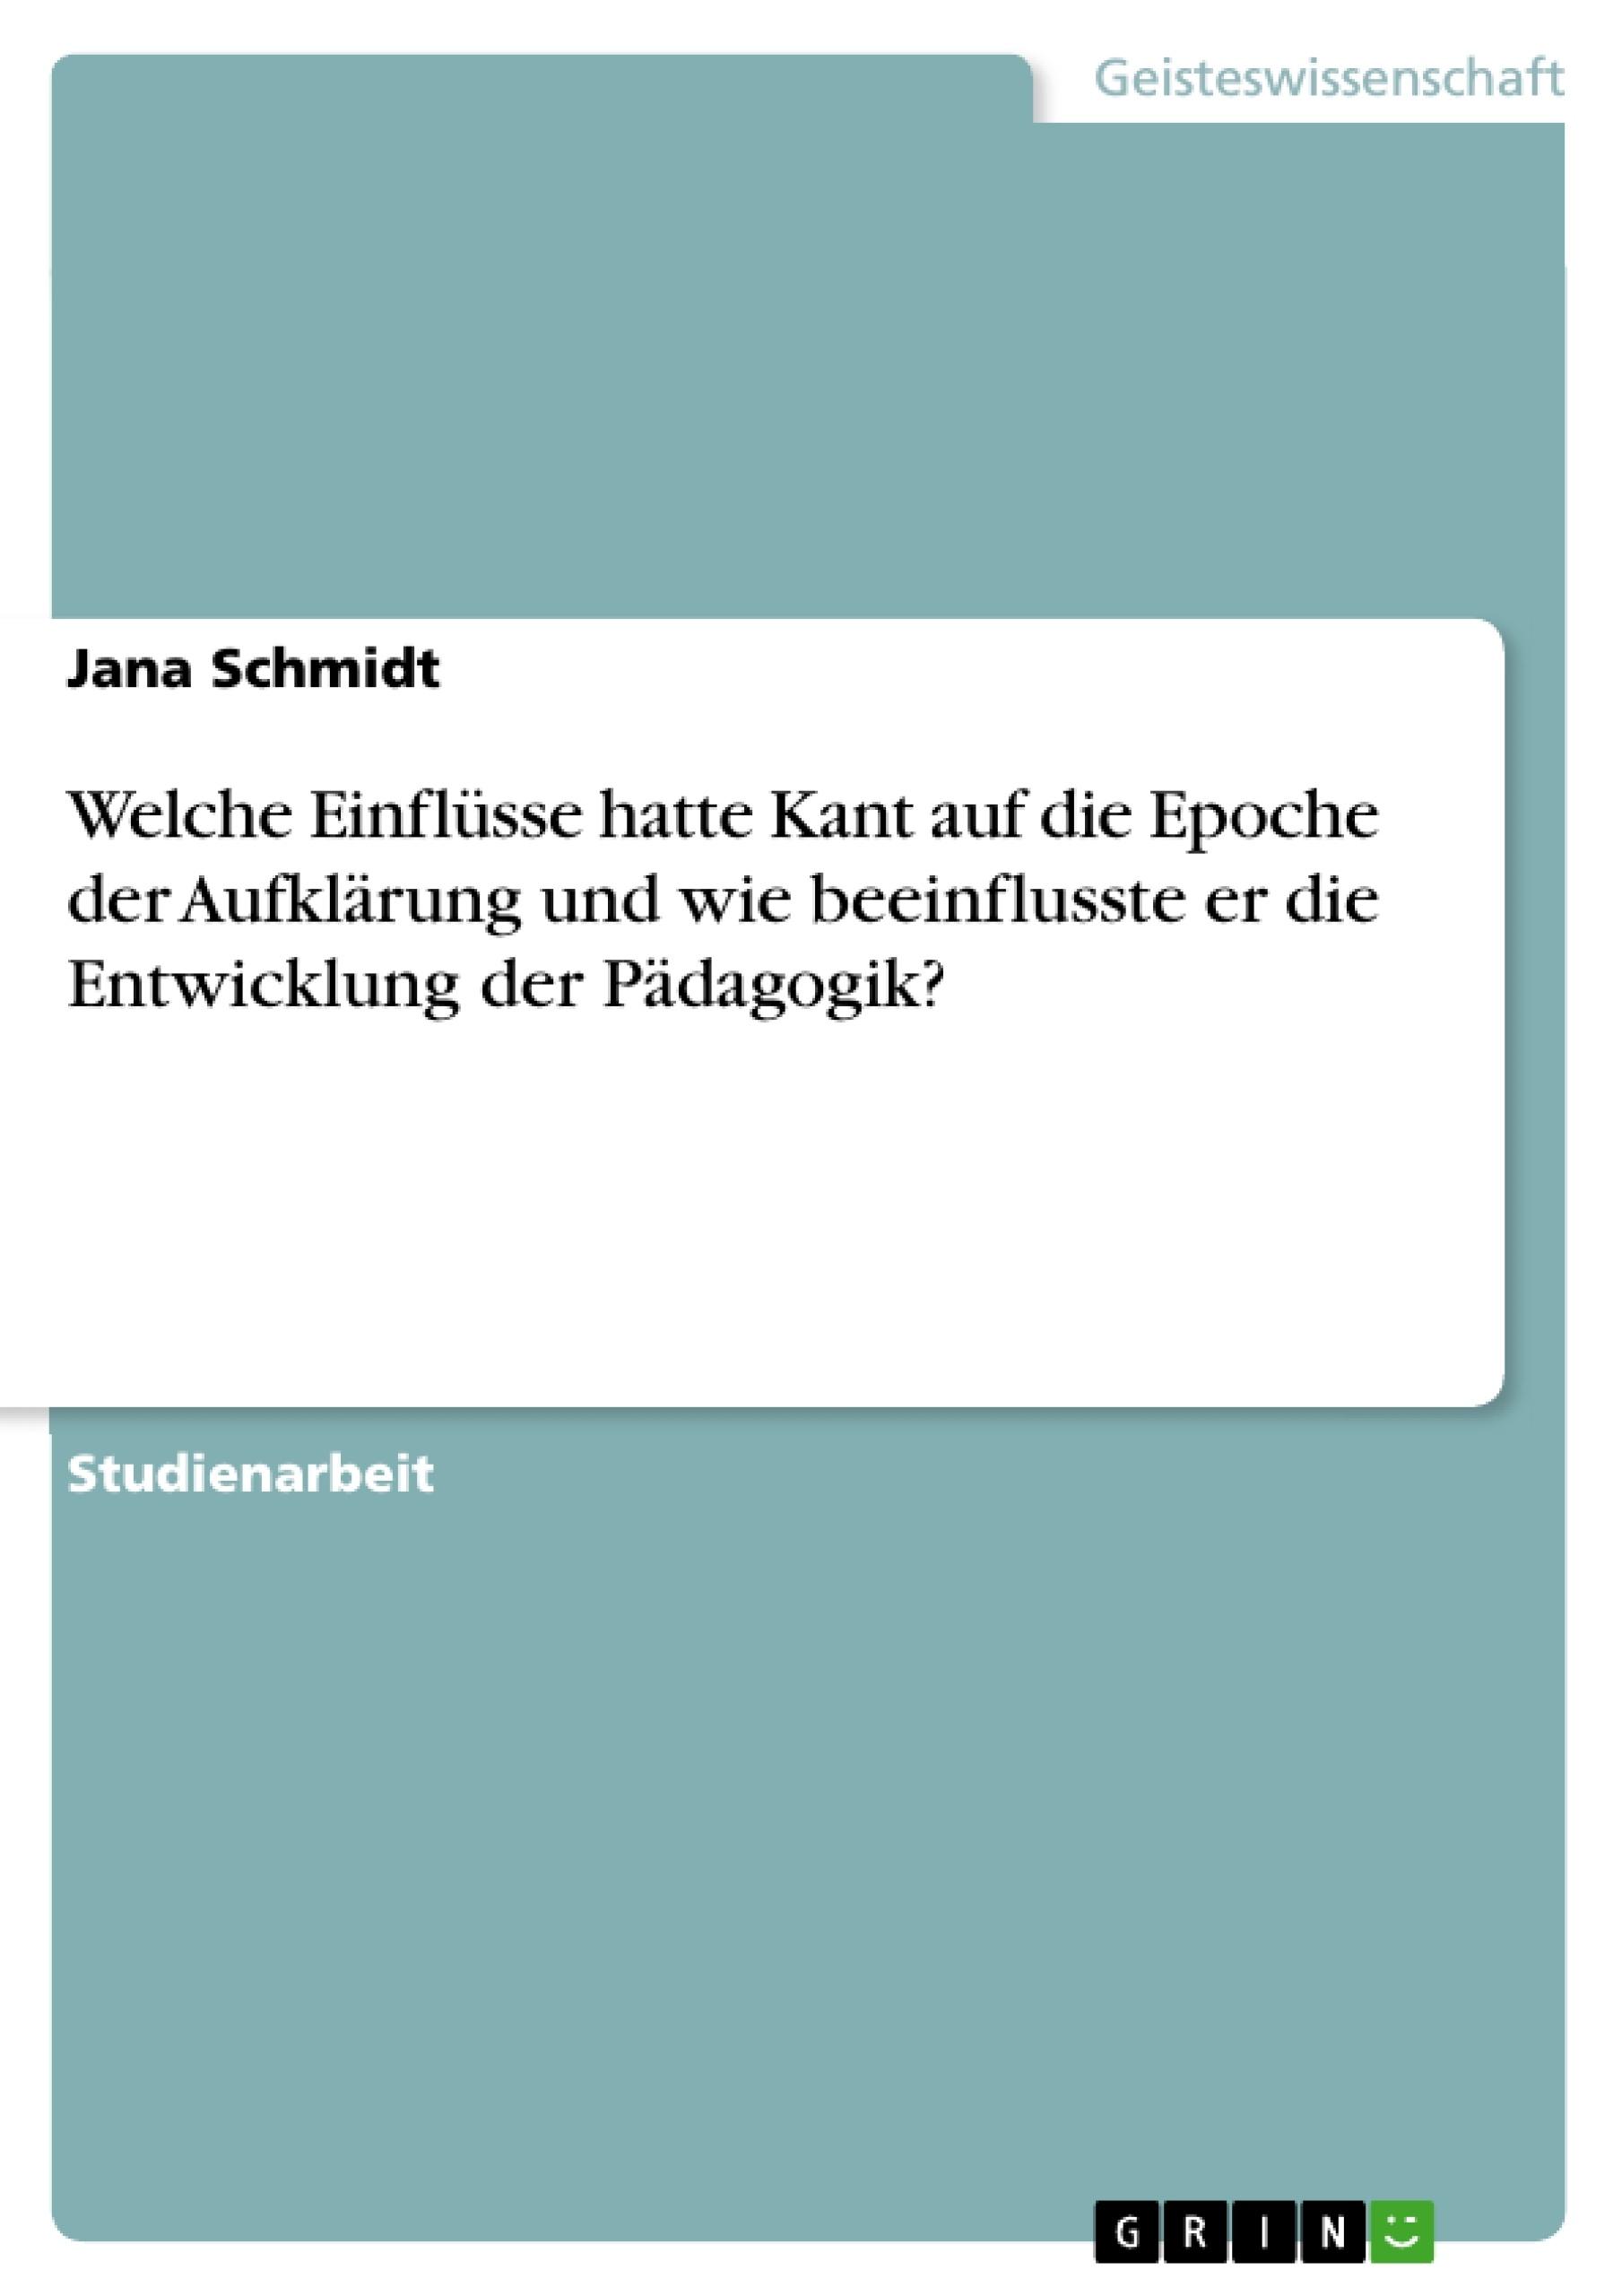 Titel: Welche Einflüsse hatte Kant auf die Epoche der Aufklärung und wie beeinflusste er die Entwicklung der Pädagogik?